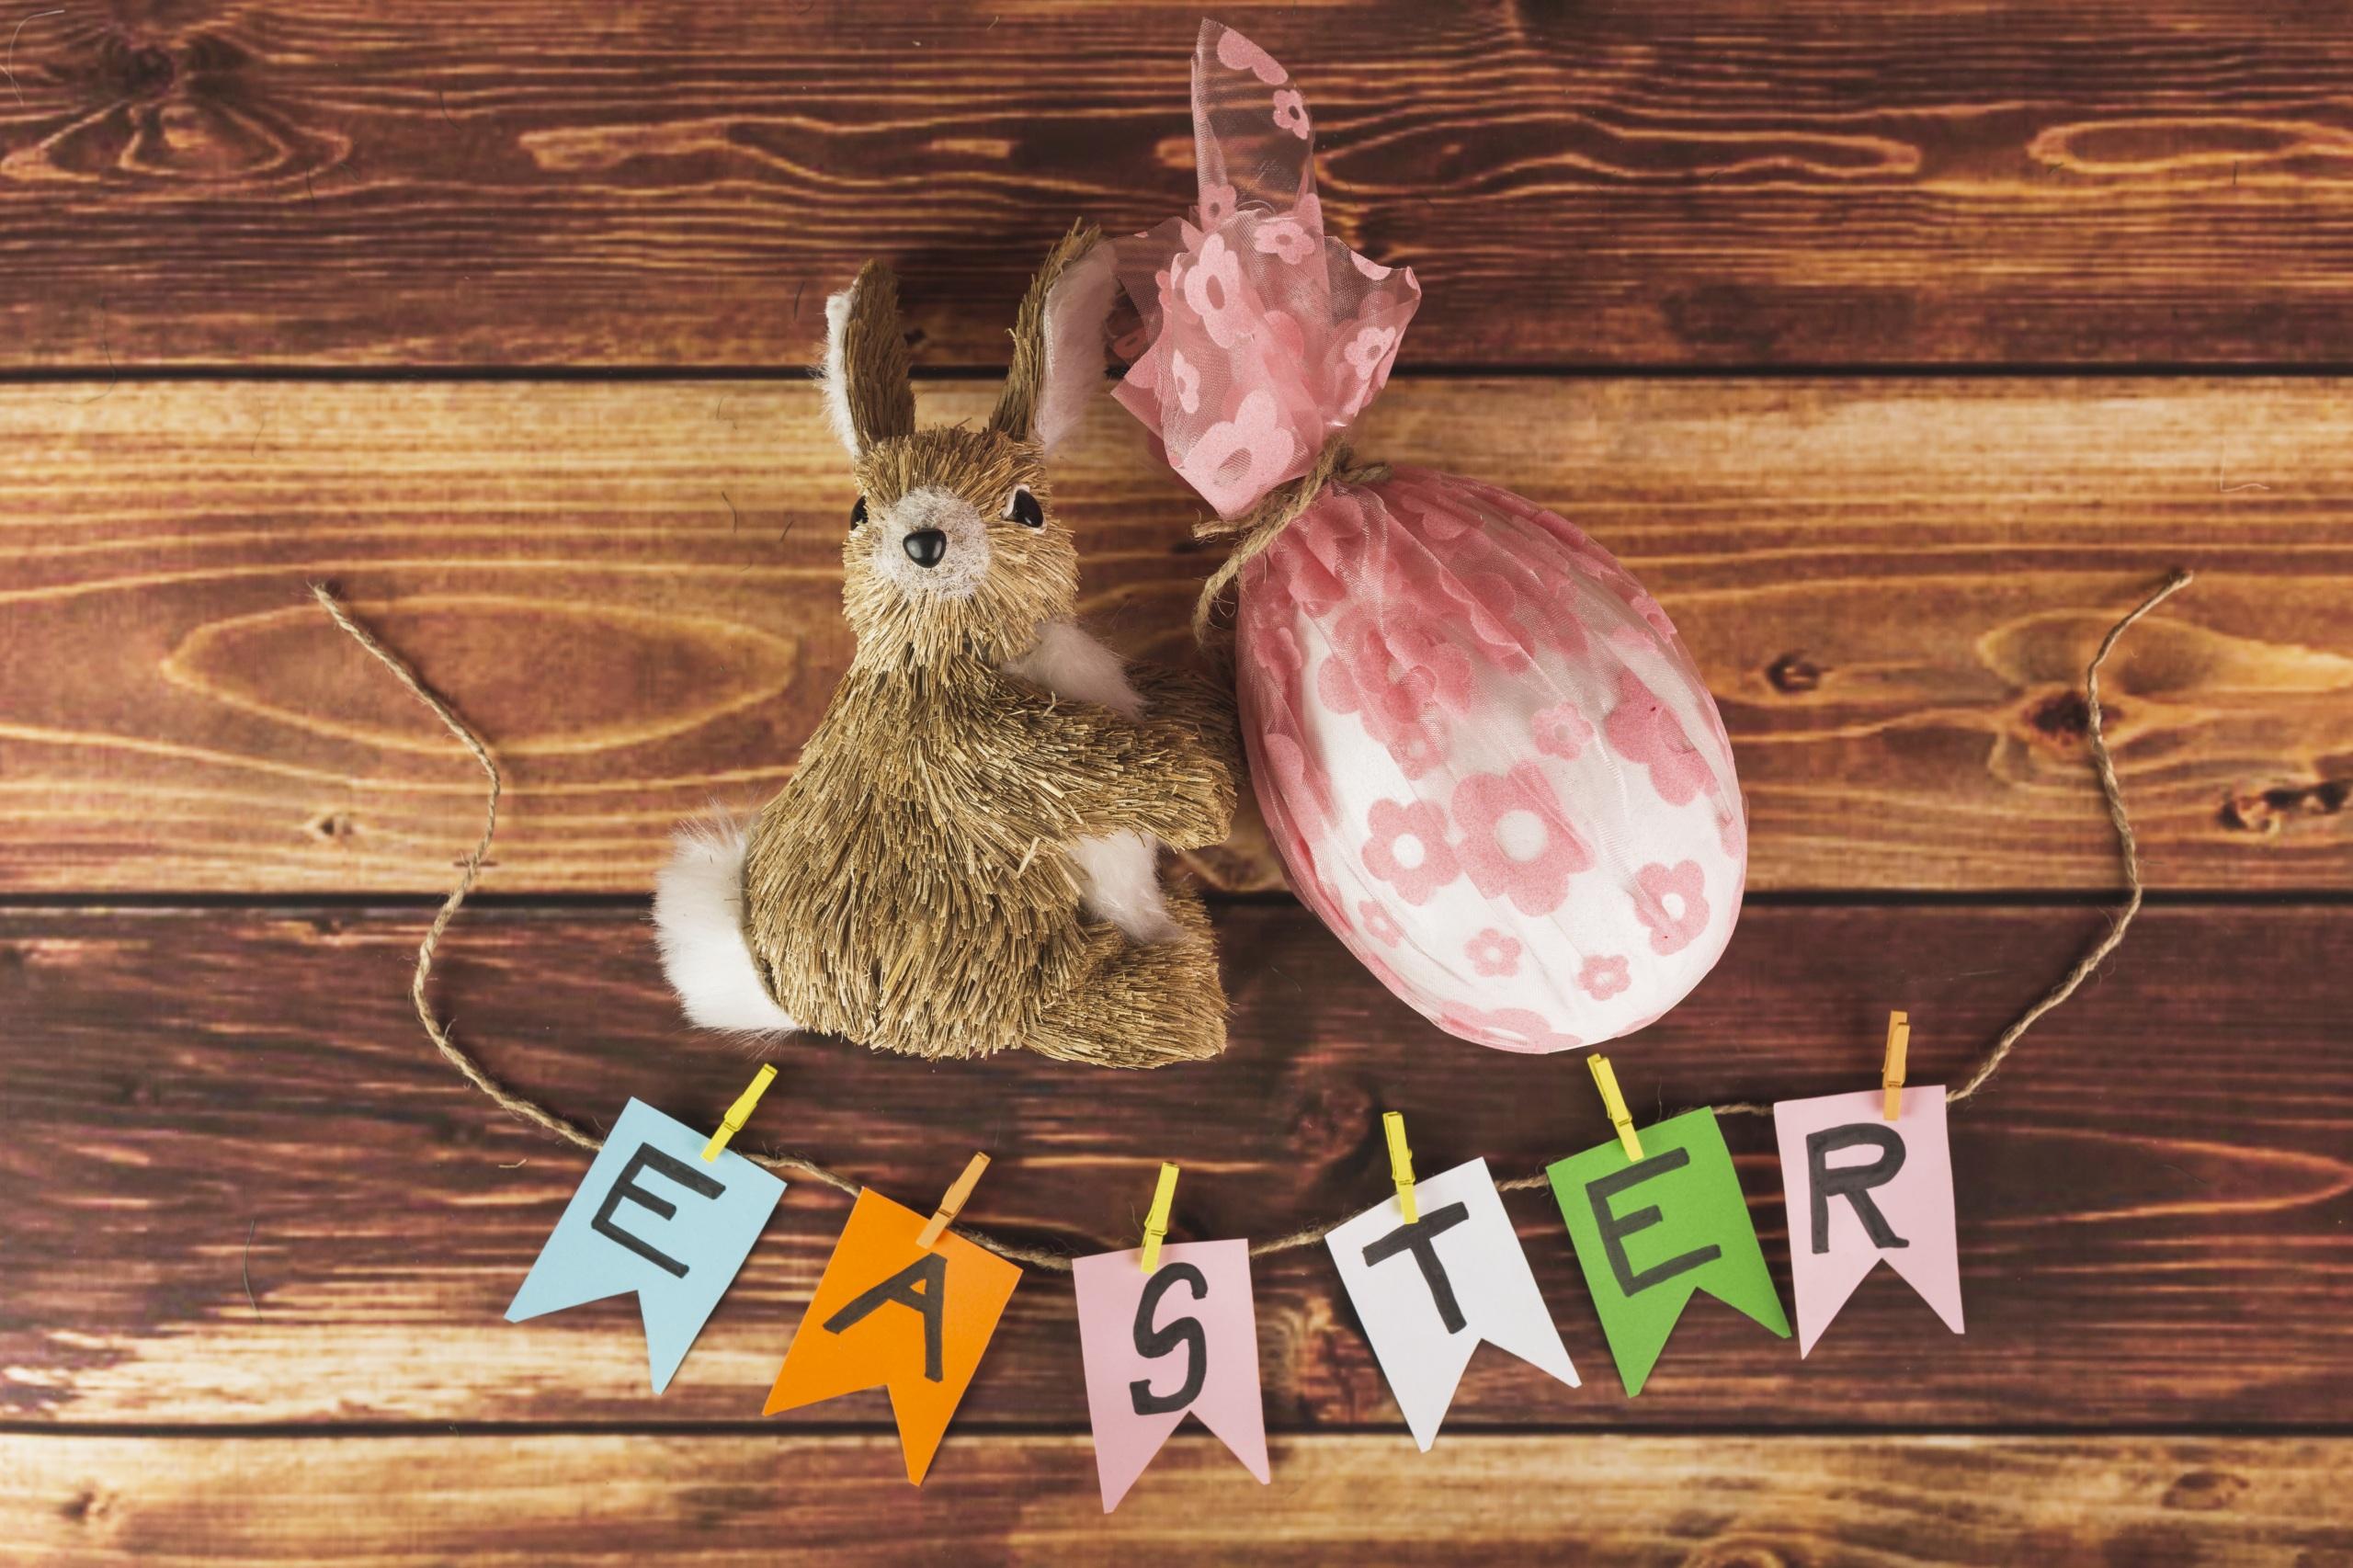 Картинка Пасха Кролики Английский Яйца Доски 2560x1706 инглийские английская яиц яйцо яйцами